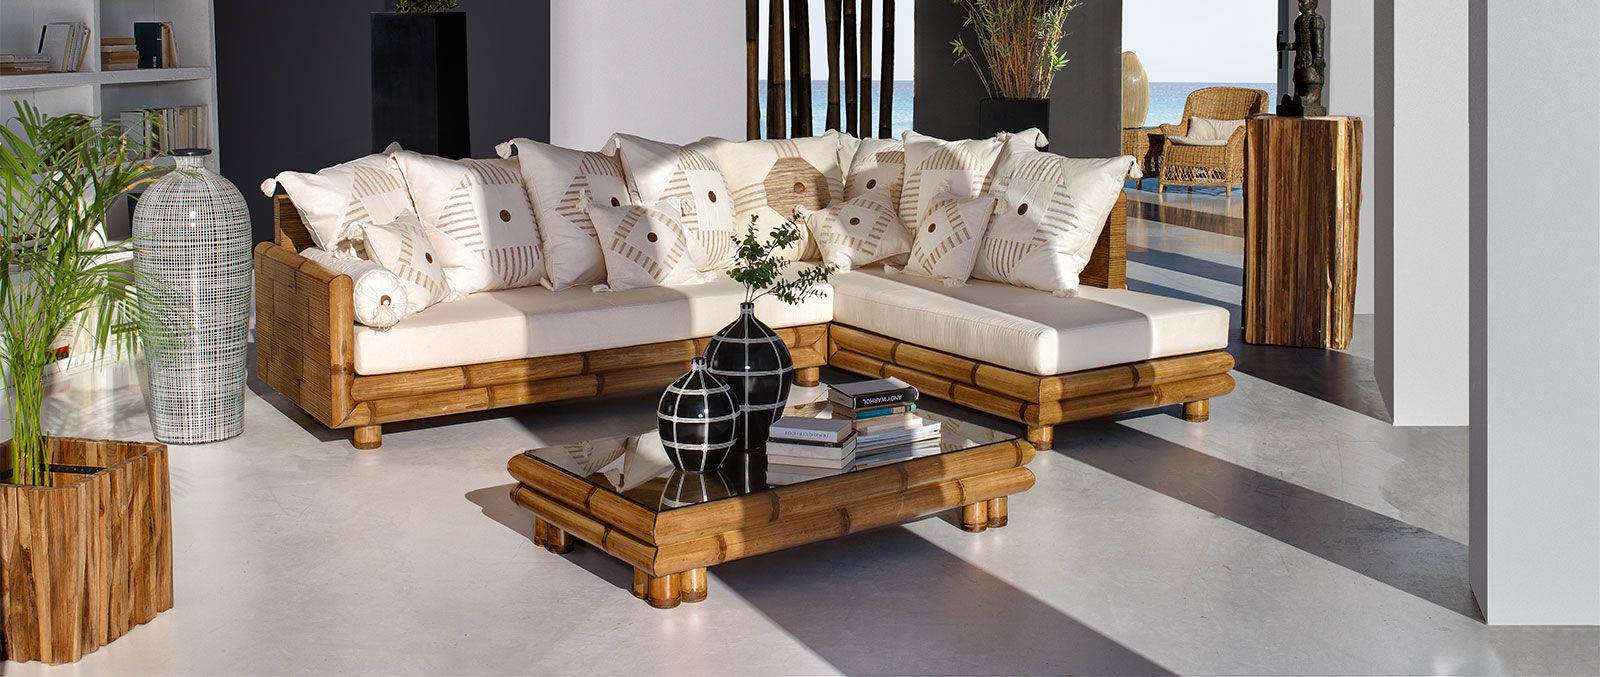 Salons et Living en bambou - Un intérieur chic et exotique avec Art ...